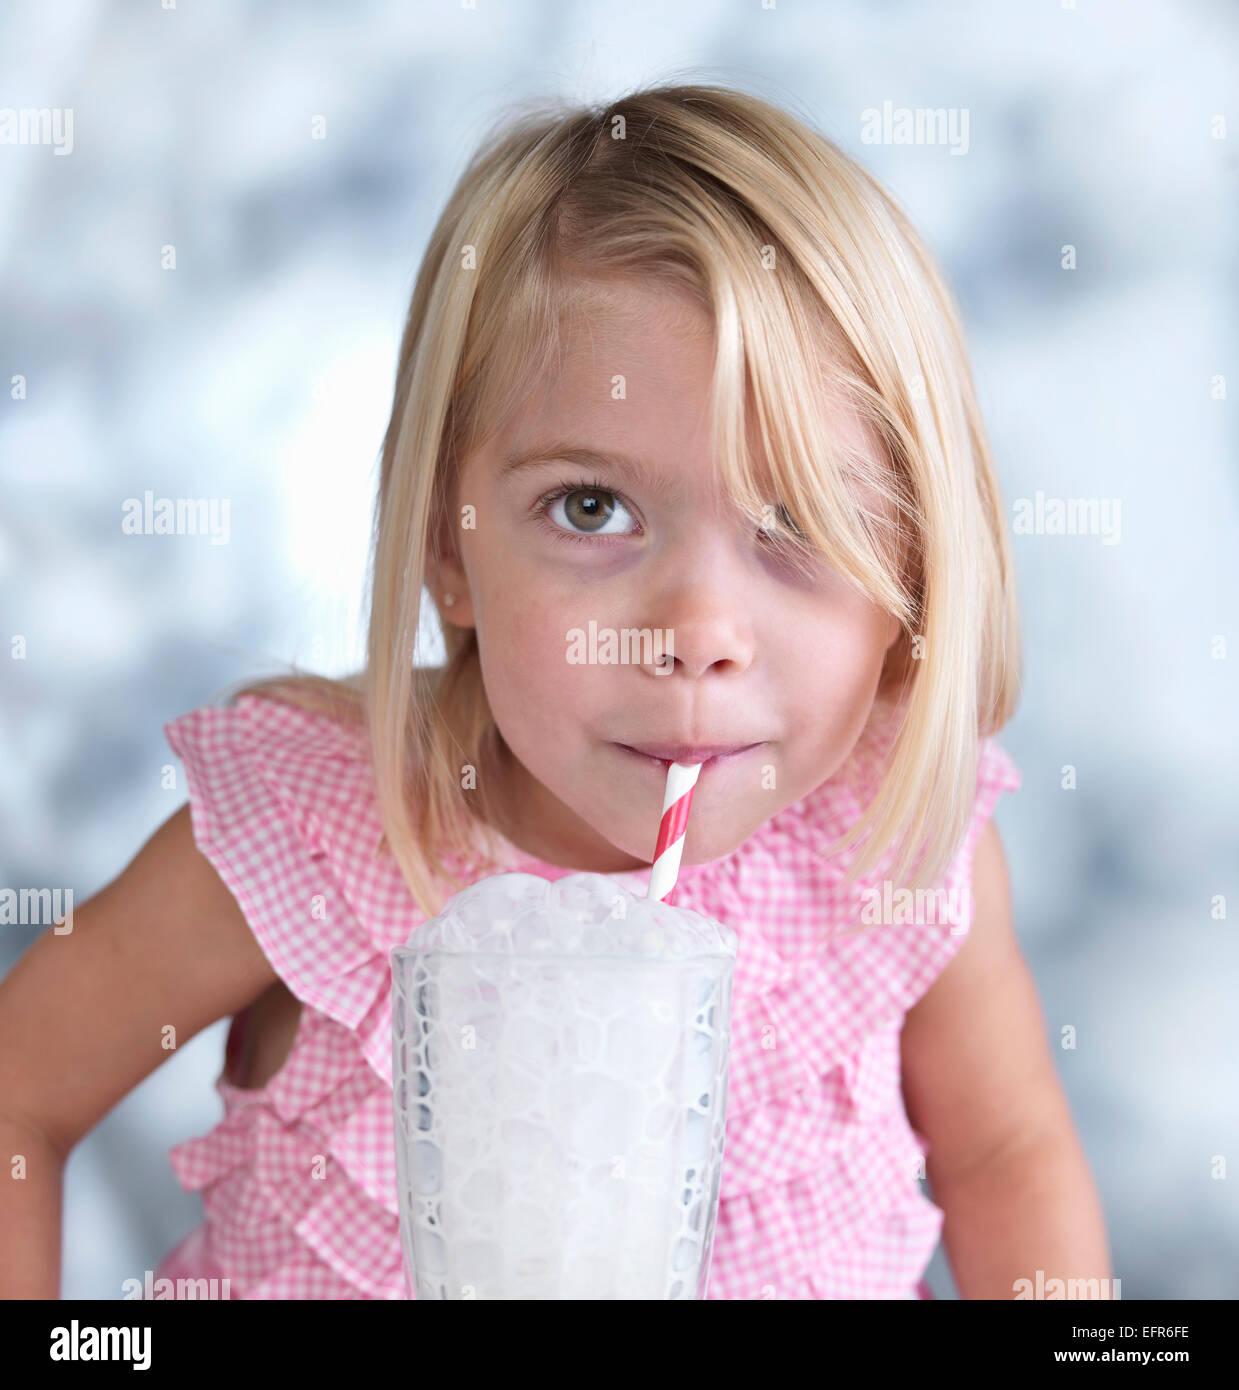 Portrait of cute female toddler faisant des bulles dans le verre de lait Banque D'Images